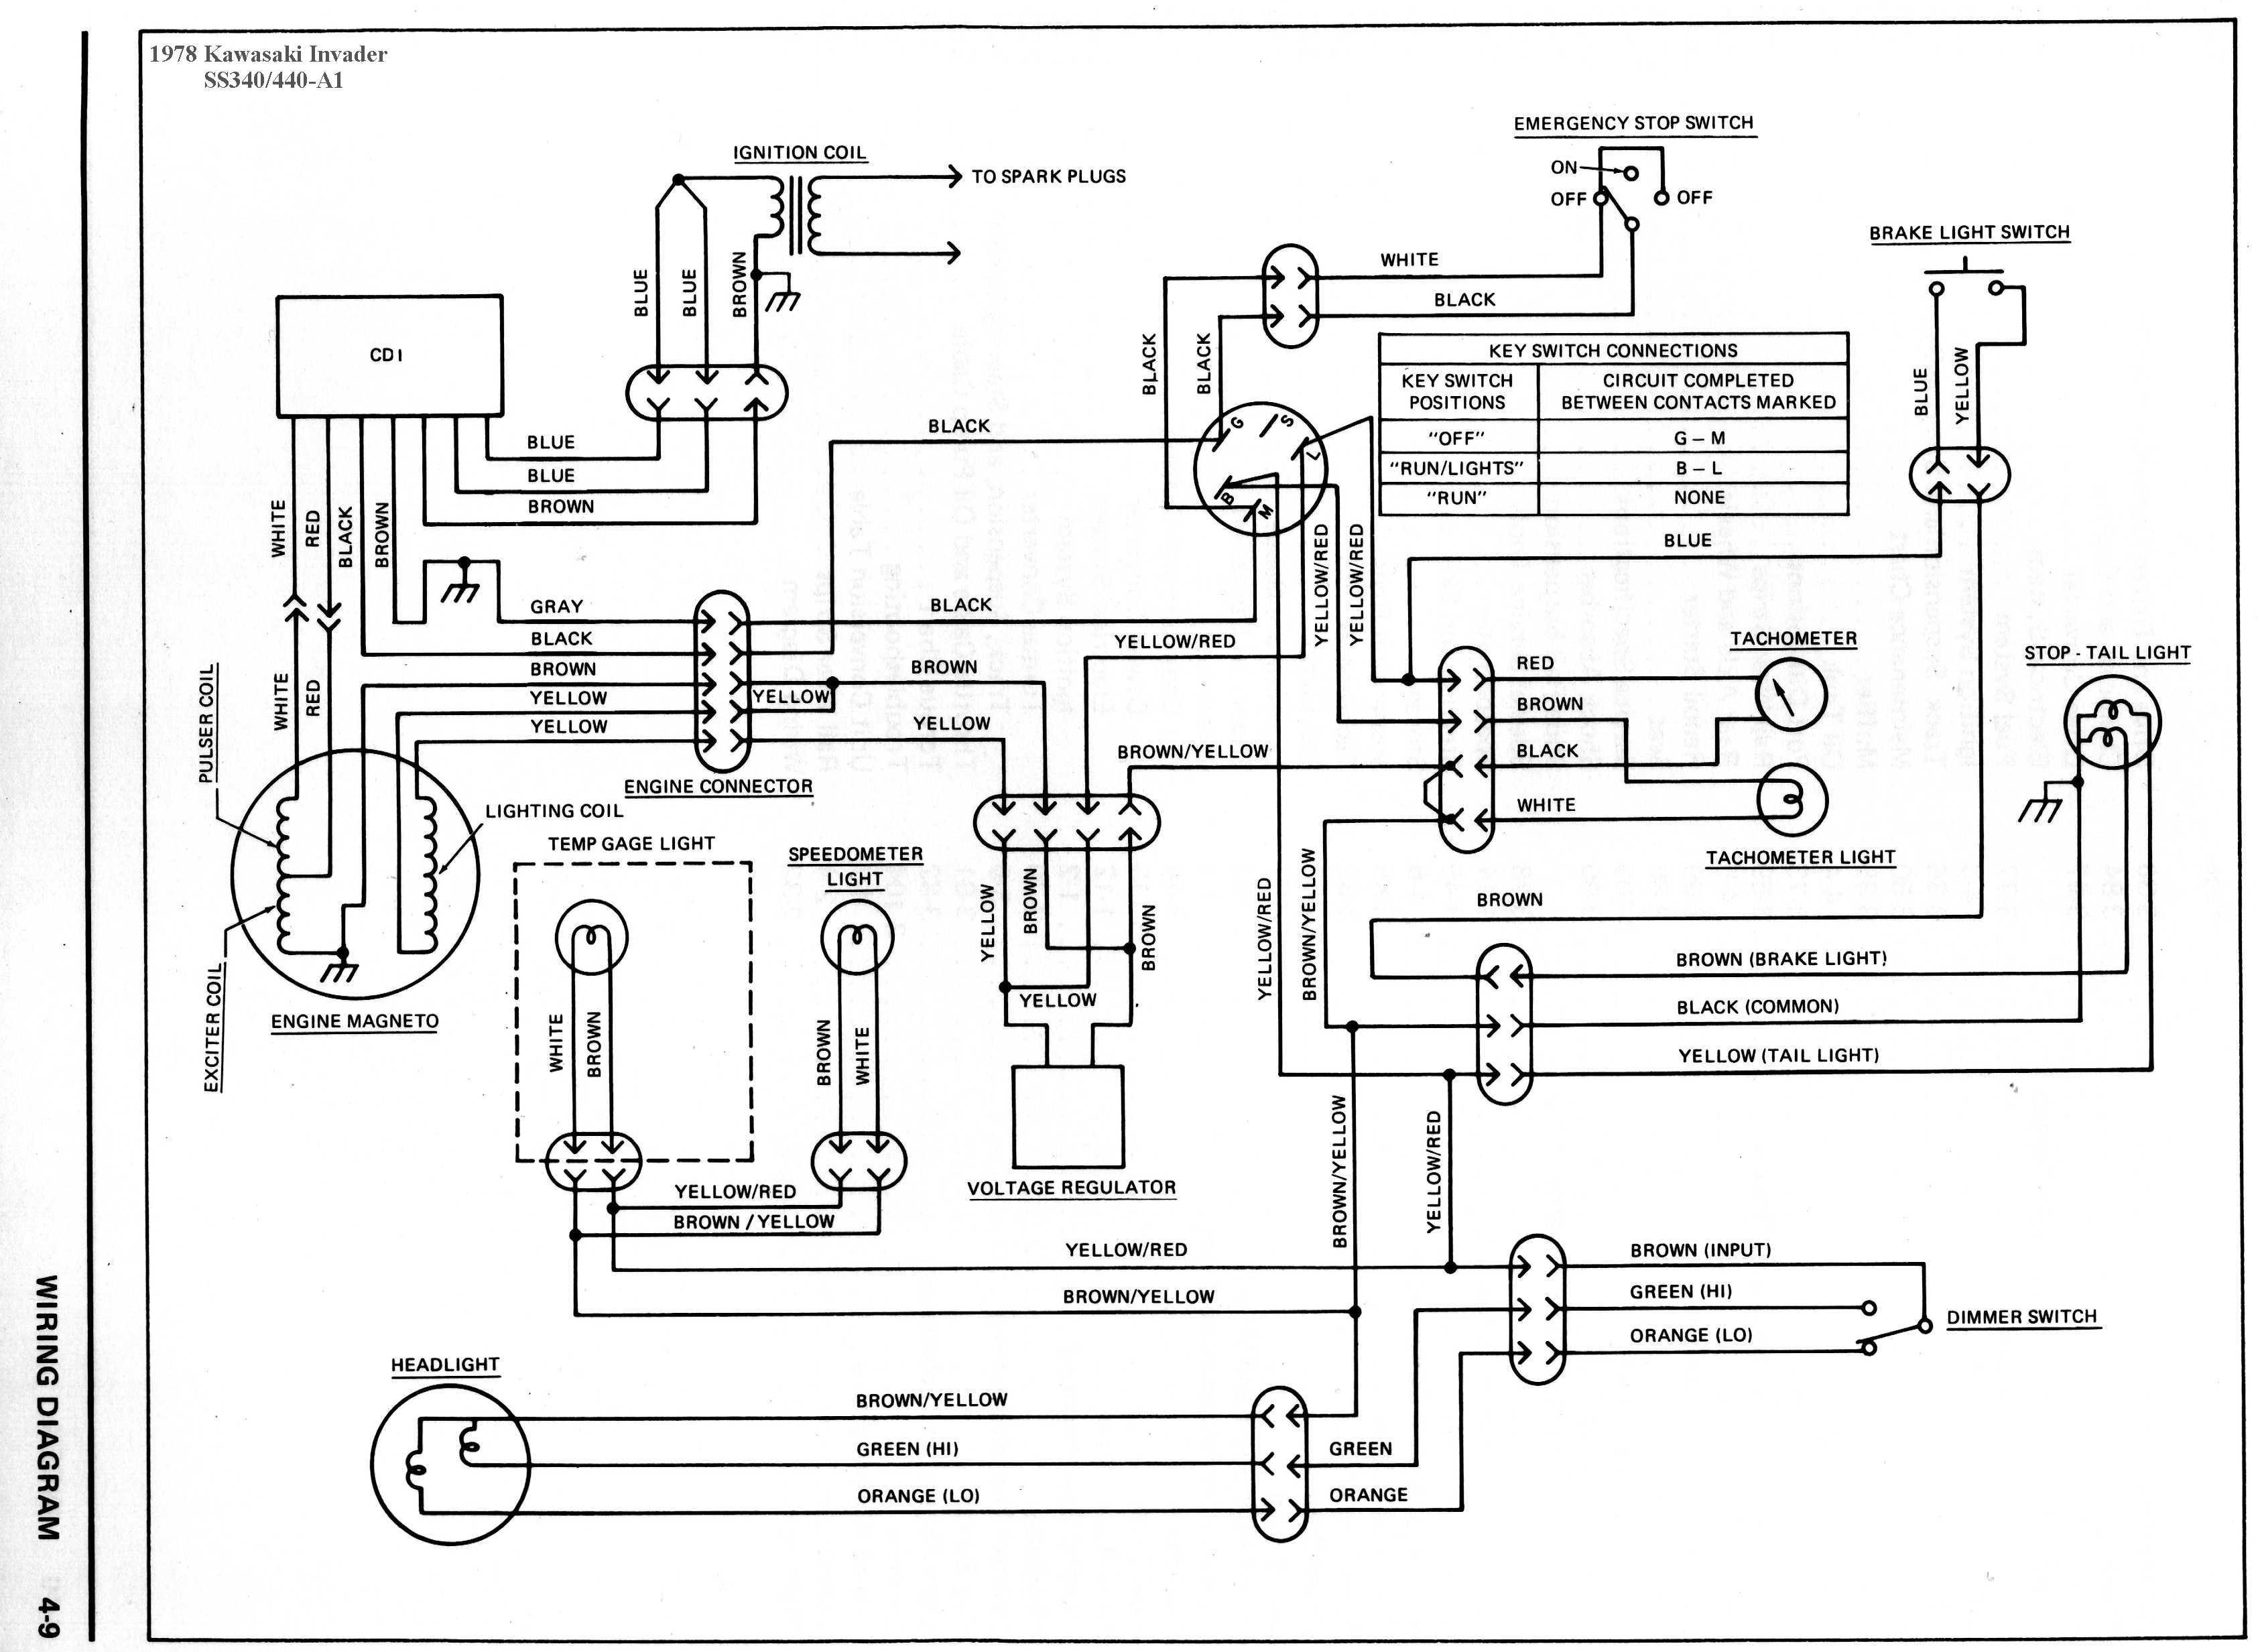 440 to 220 motor del schaltplan